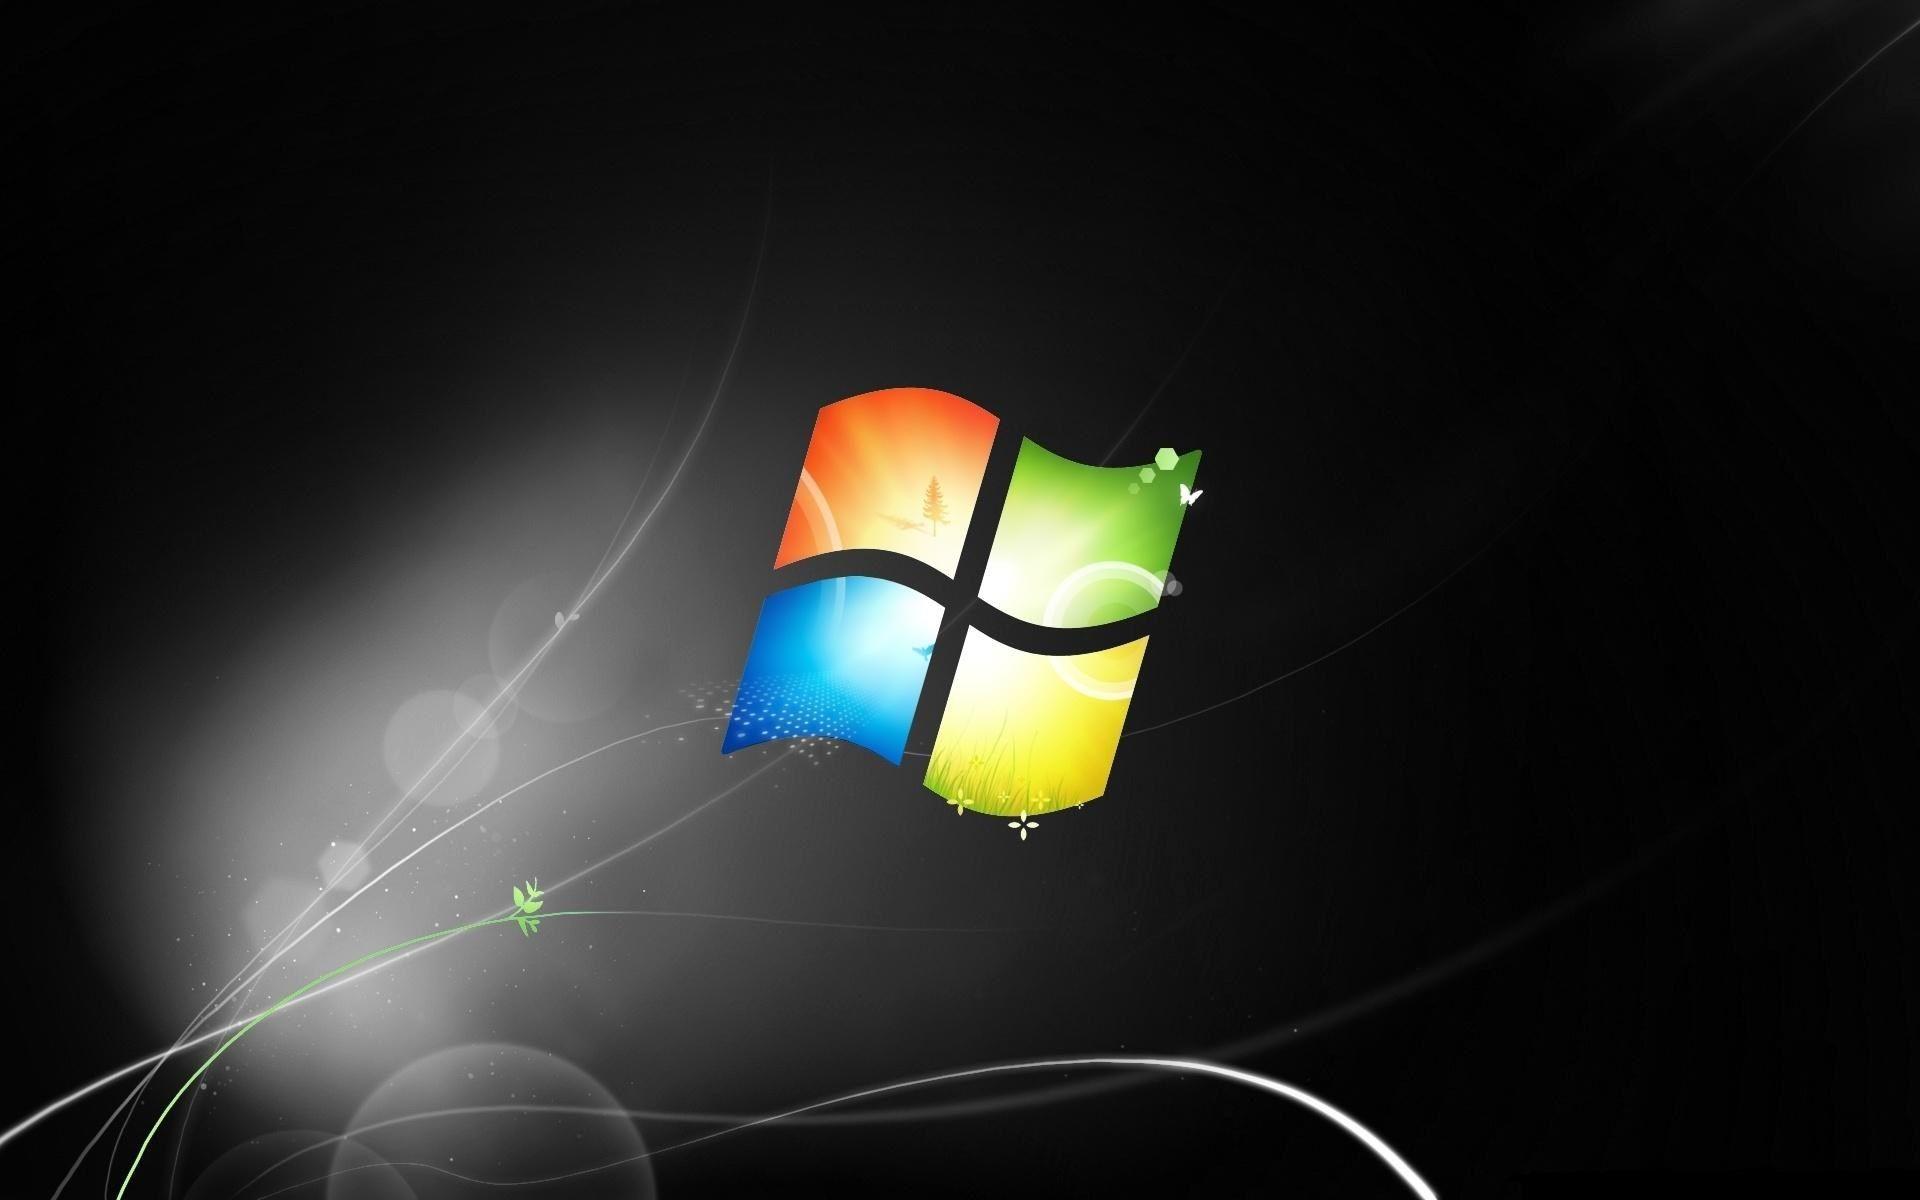 Wallpapers For Desktop Windows 7 Backround 1920x1200 107 Kb Planos De Fundo Fundos Exercicios De Treino